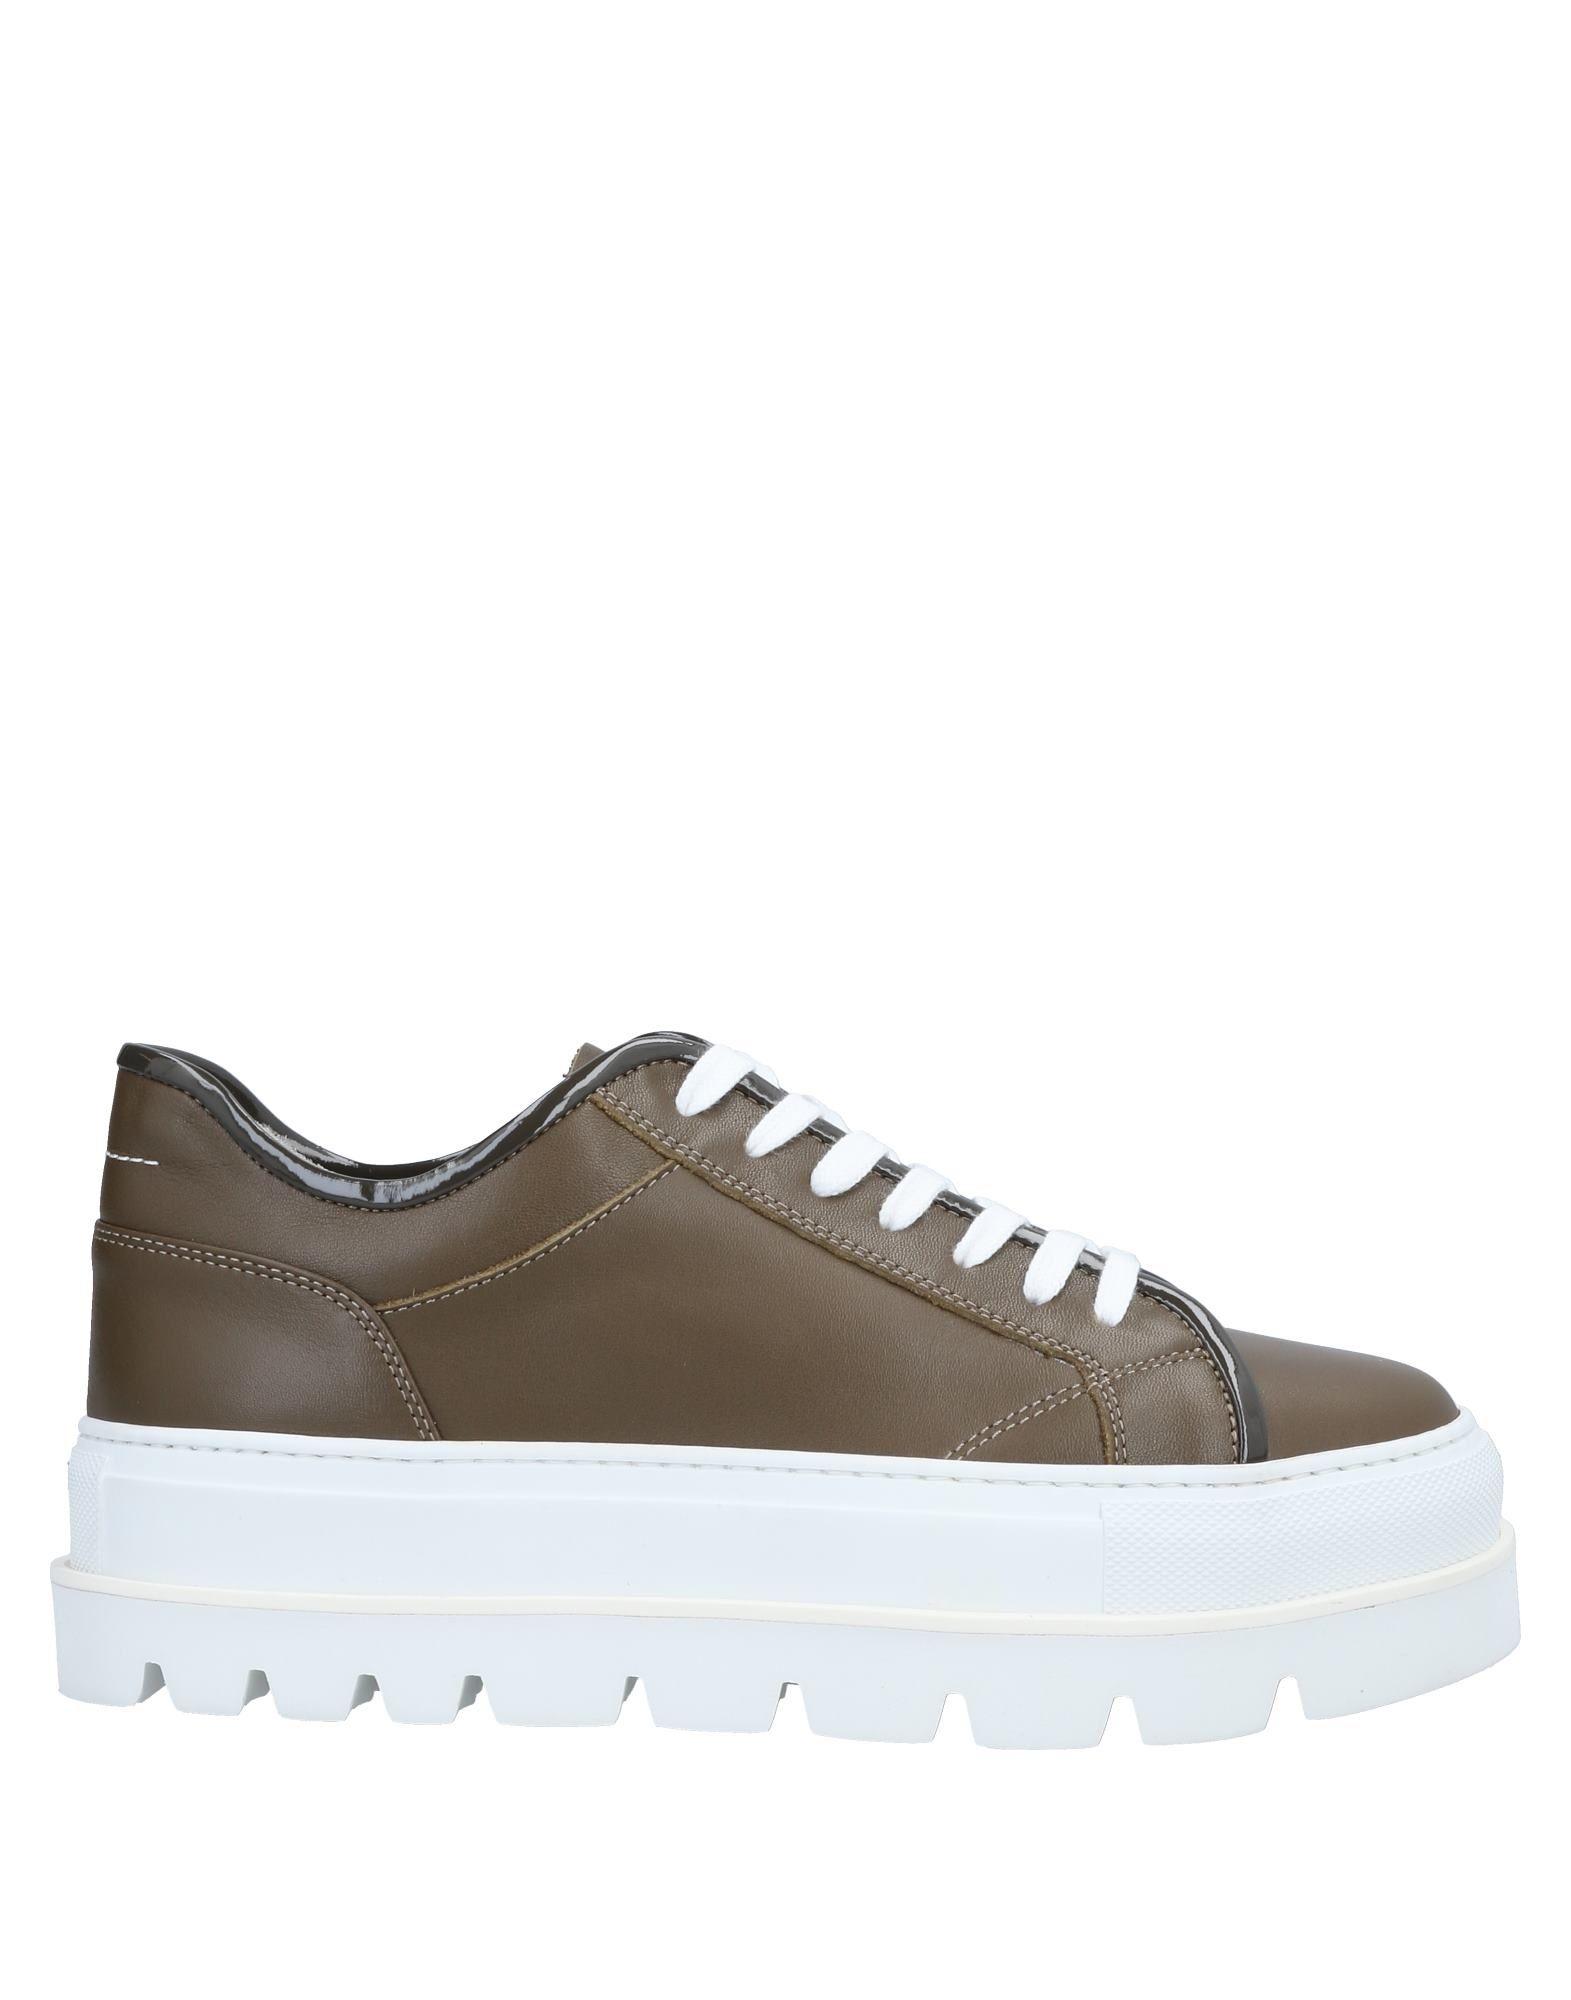 Mm6 Maison Margiela Sneakers - Sneakers Women Mm6 Maison Margiela Sneakers - online on  Canada - 11566672CU 12ae6c